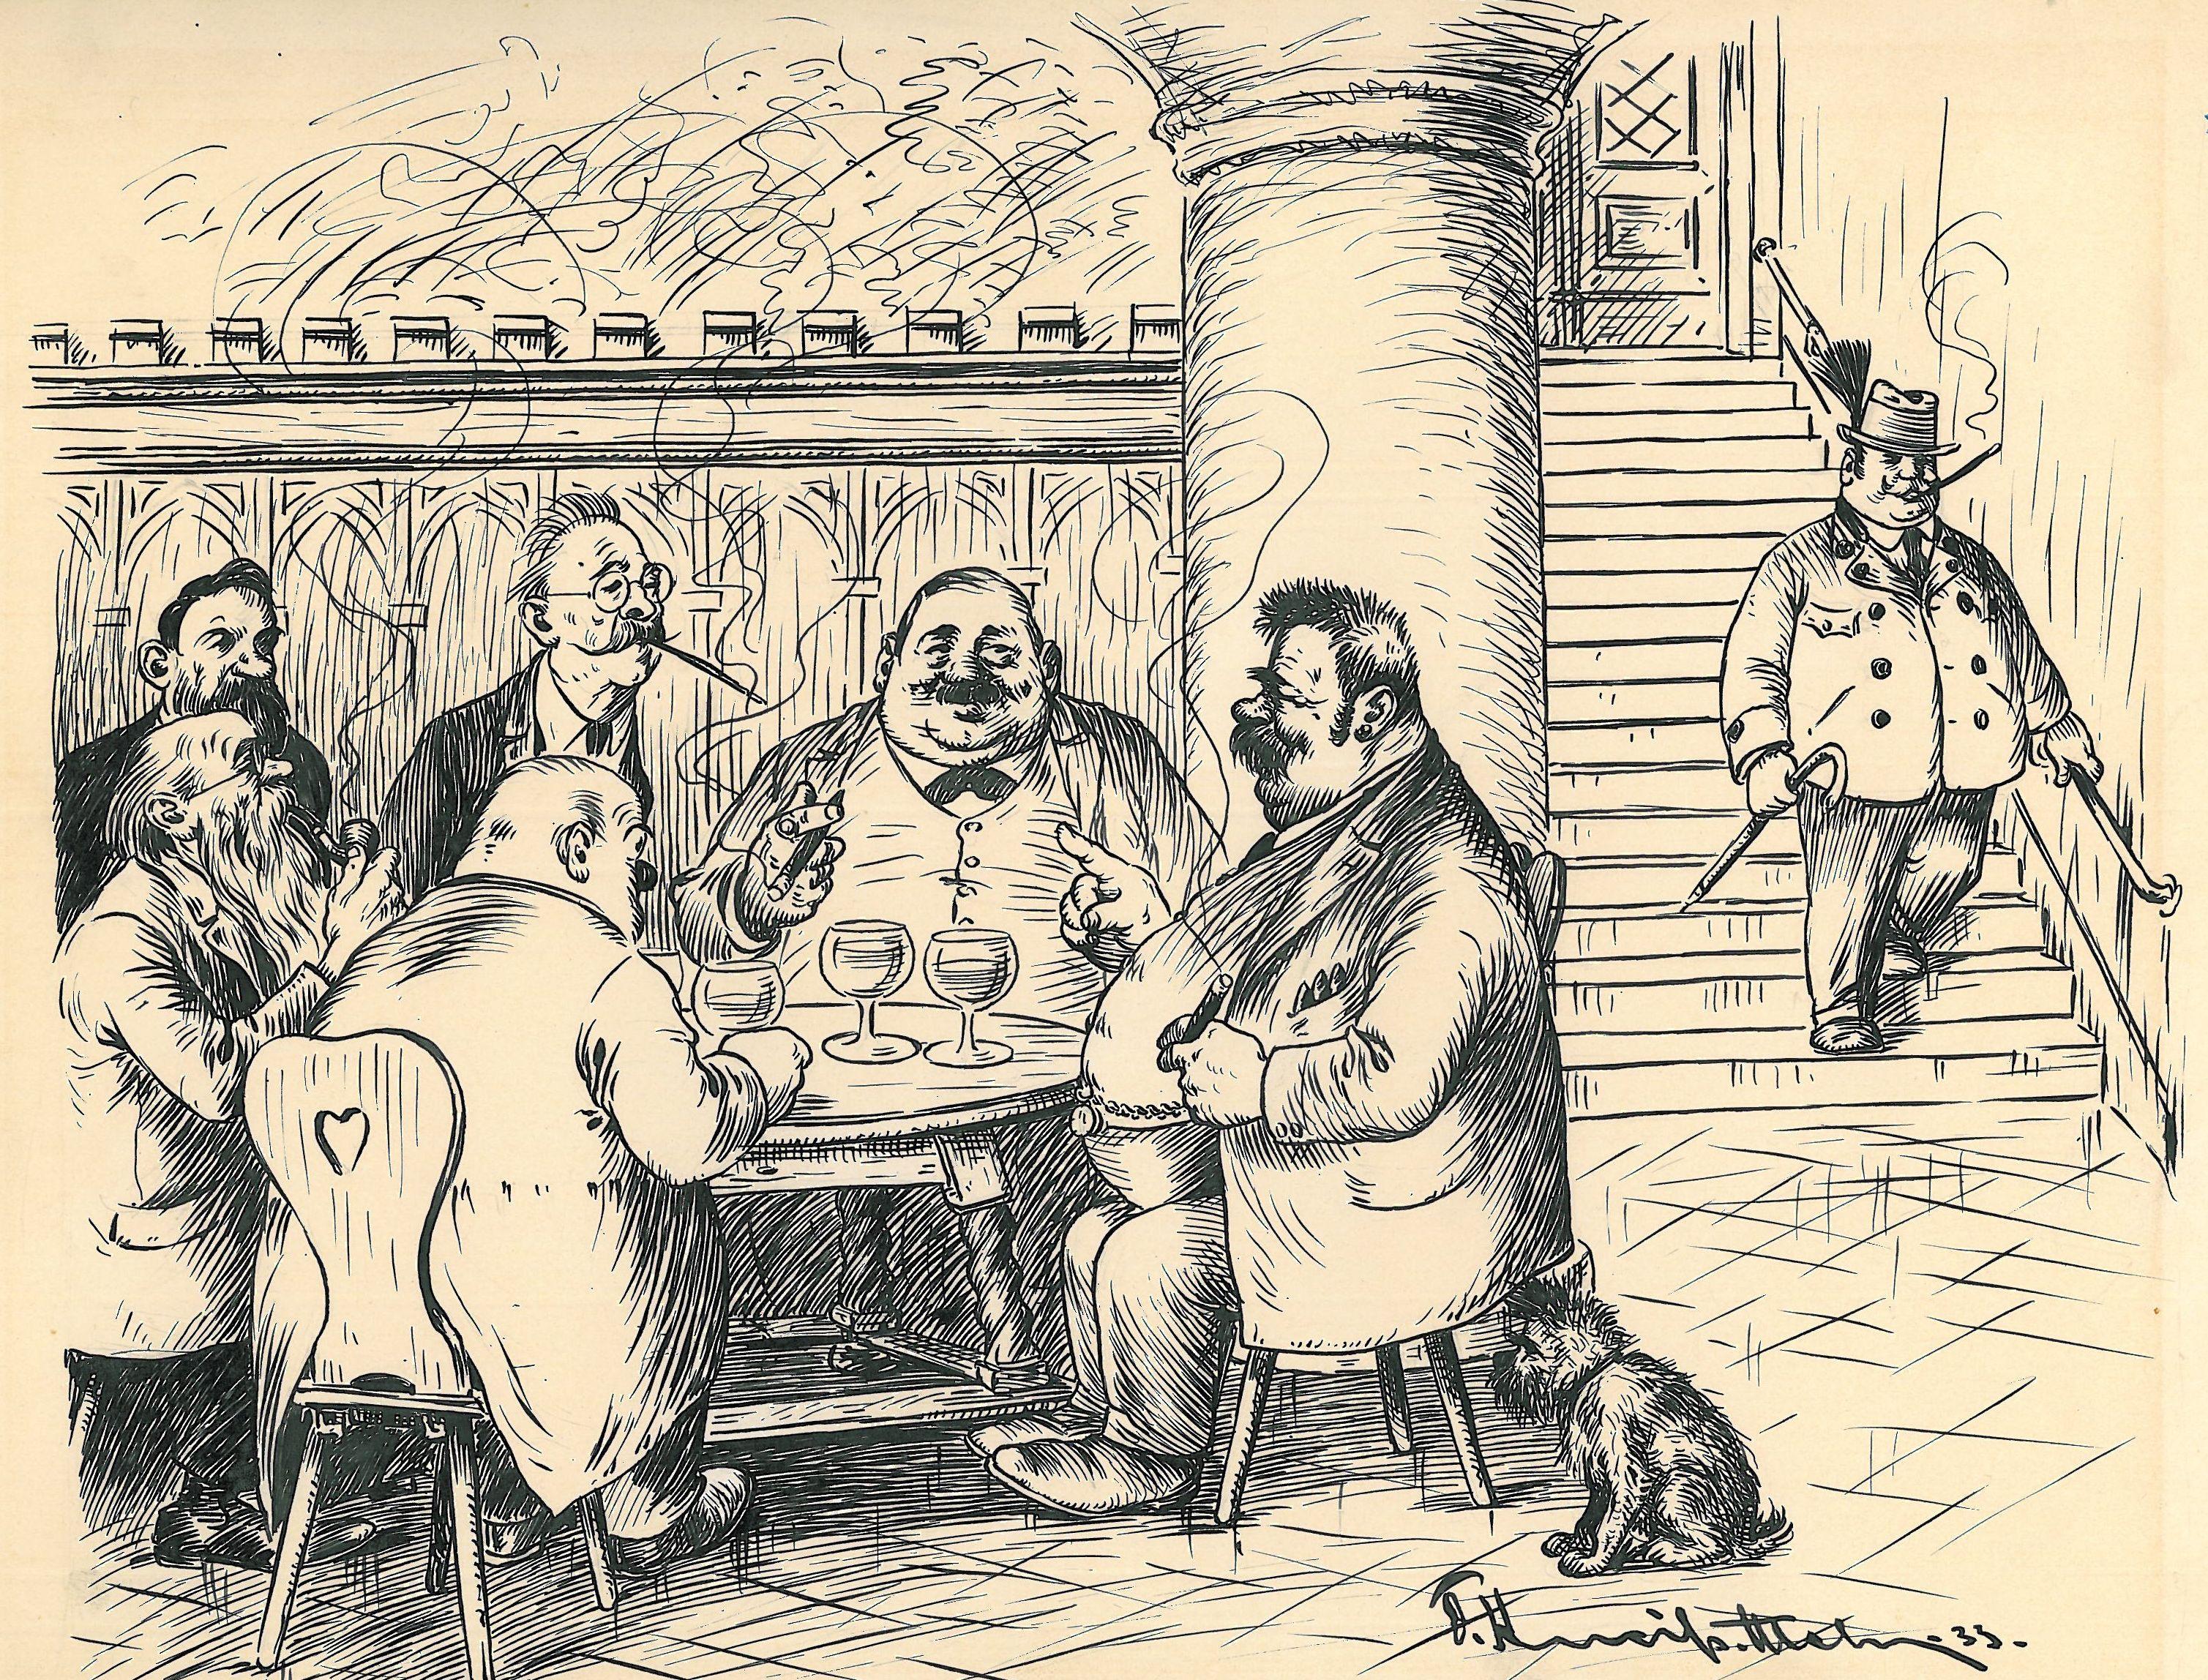 Originalbild: Eine gemütliche Herrenrunde in einem Keller